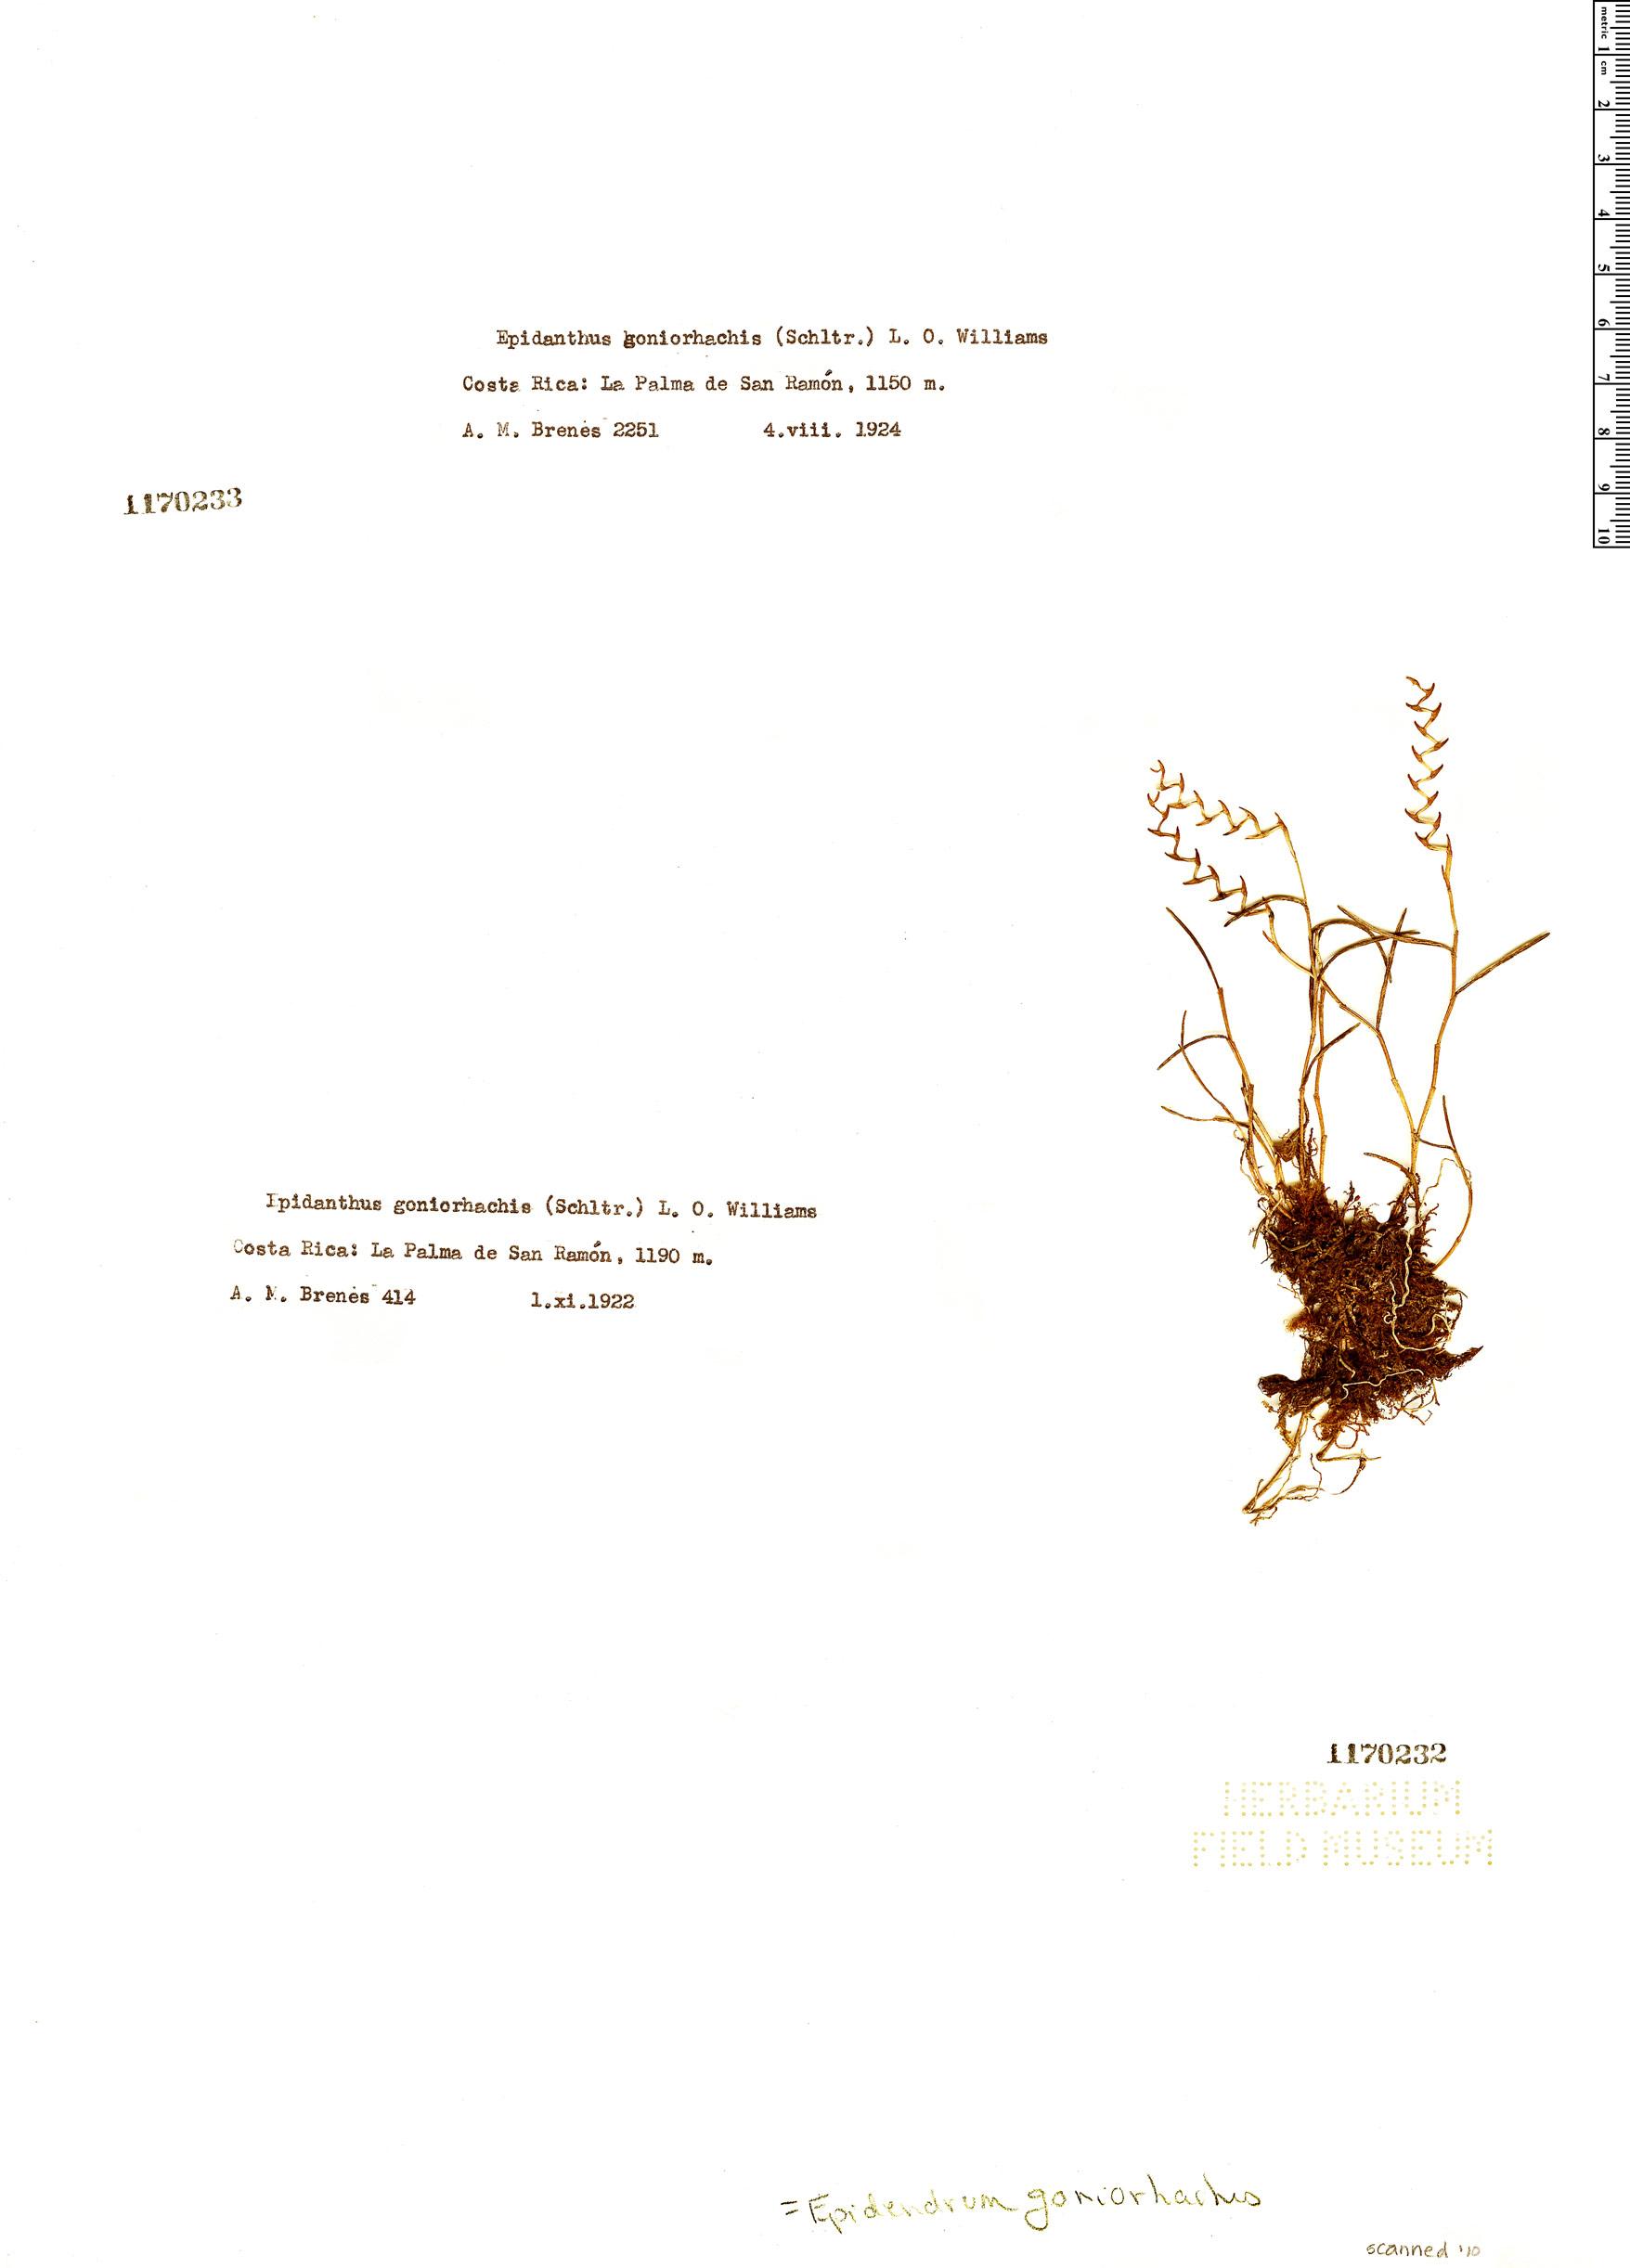 Specimen: Epidendrum goniorhachis